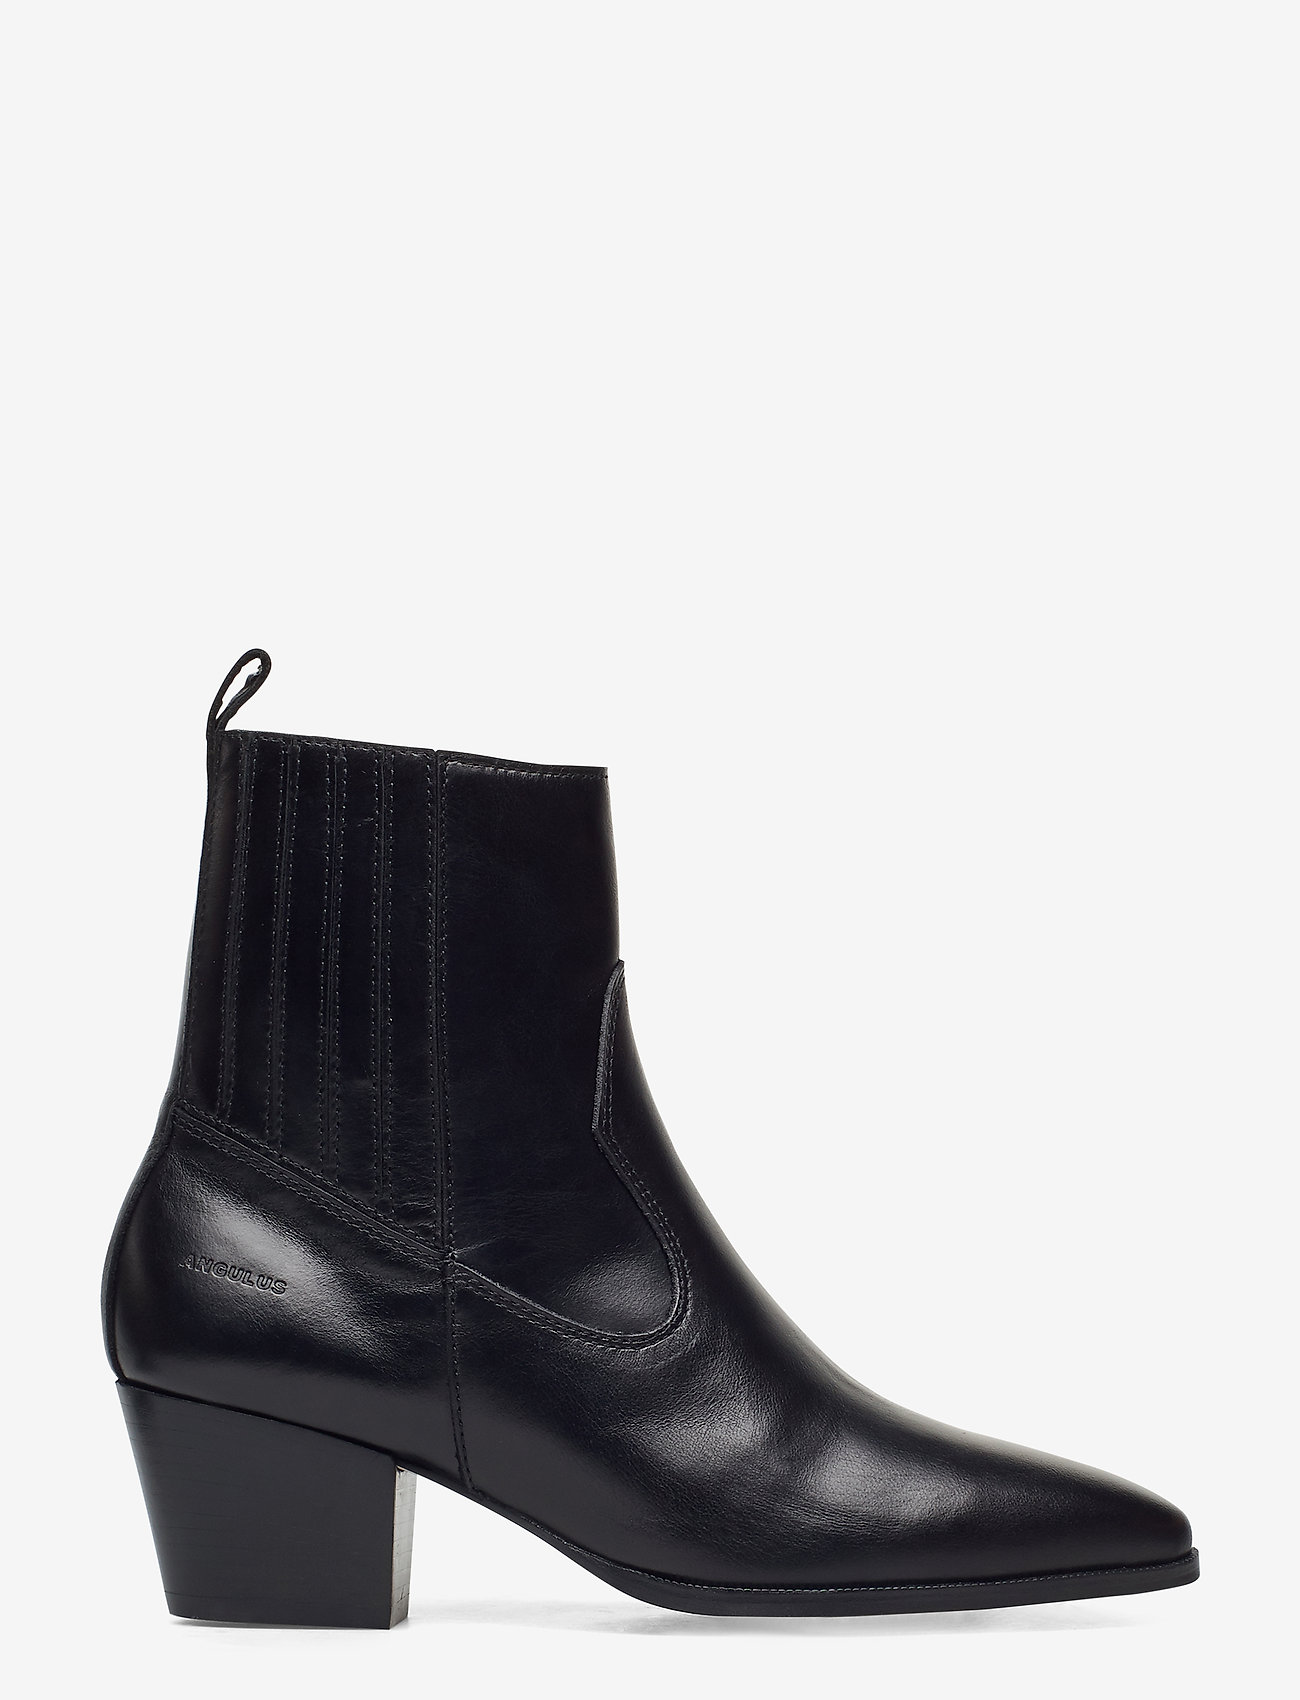 ANGULUS - Booties - Block heel - with elas - stiefeletten mit absatz - 1835/001 black/black - 1